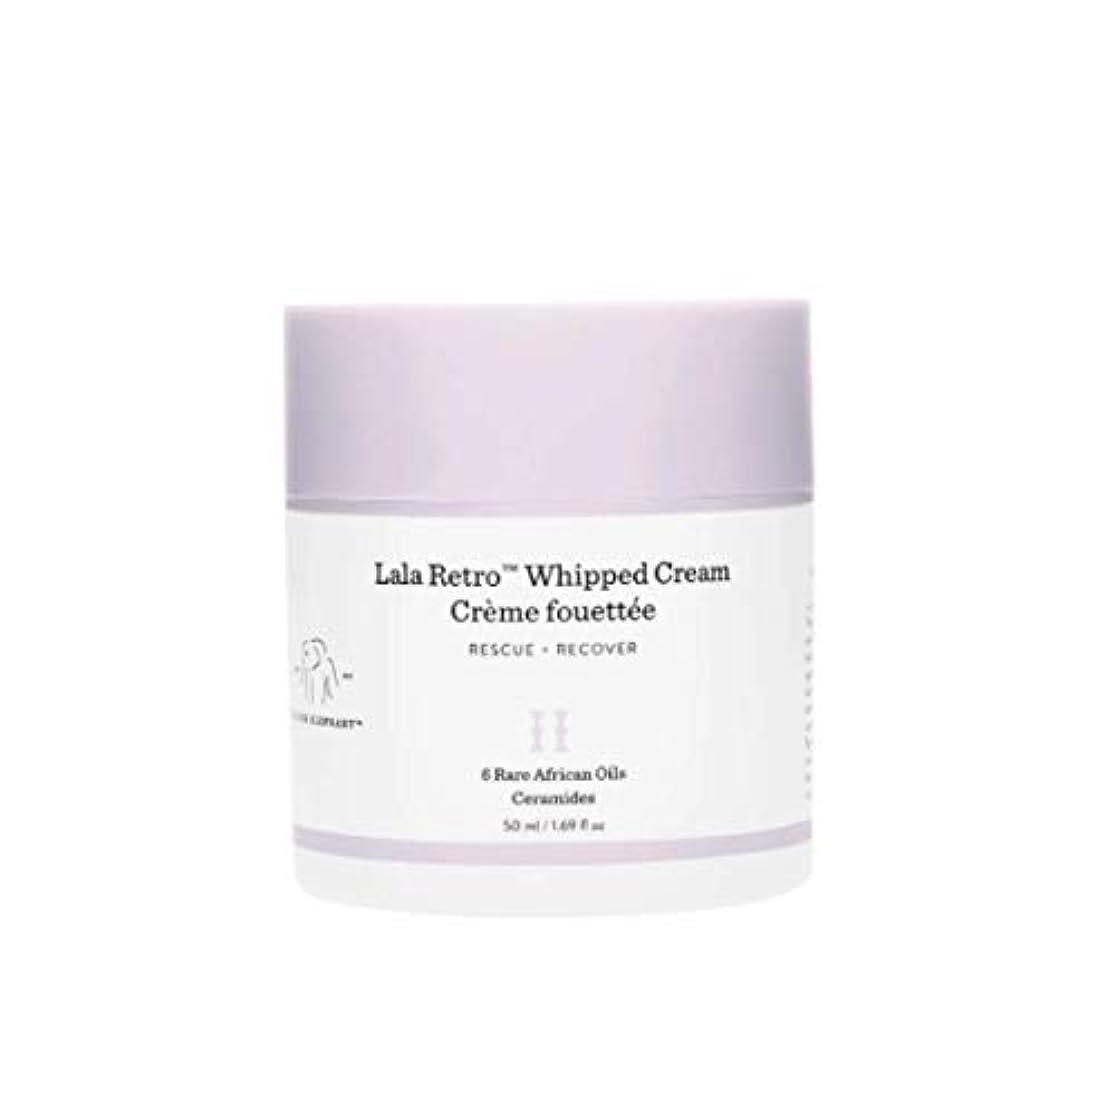 フィクション監査保持するDRUNK ELEPHANT Lala Retro Whipped Cream 1.69 oz/ 50 ml ドランクエレファント ララレトロ ホイップドクリーム 1.69 oz/ 50 ml